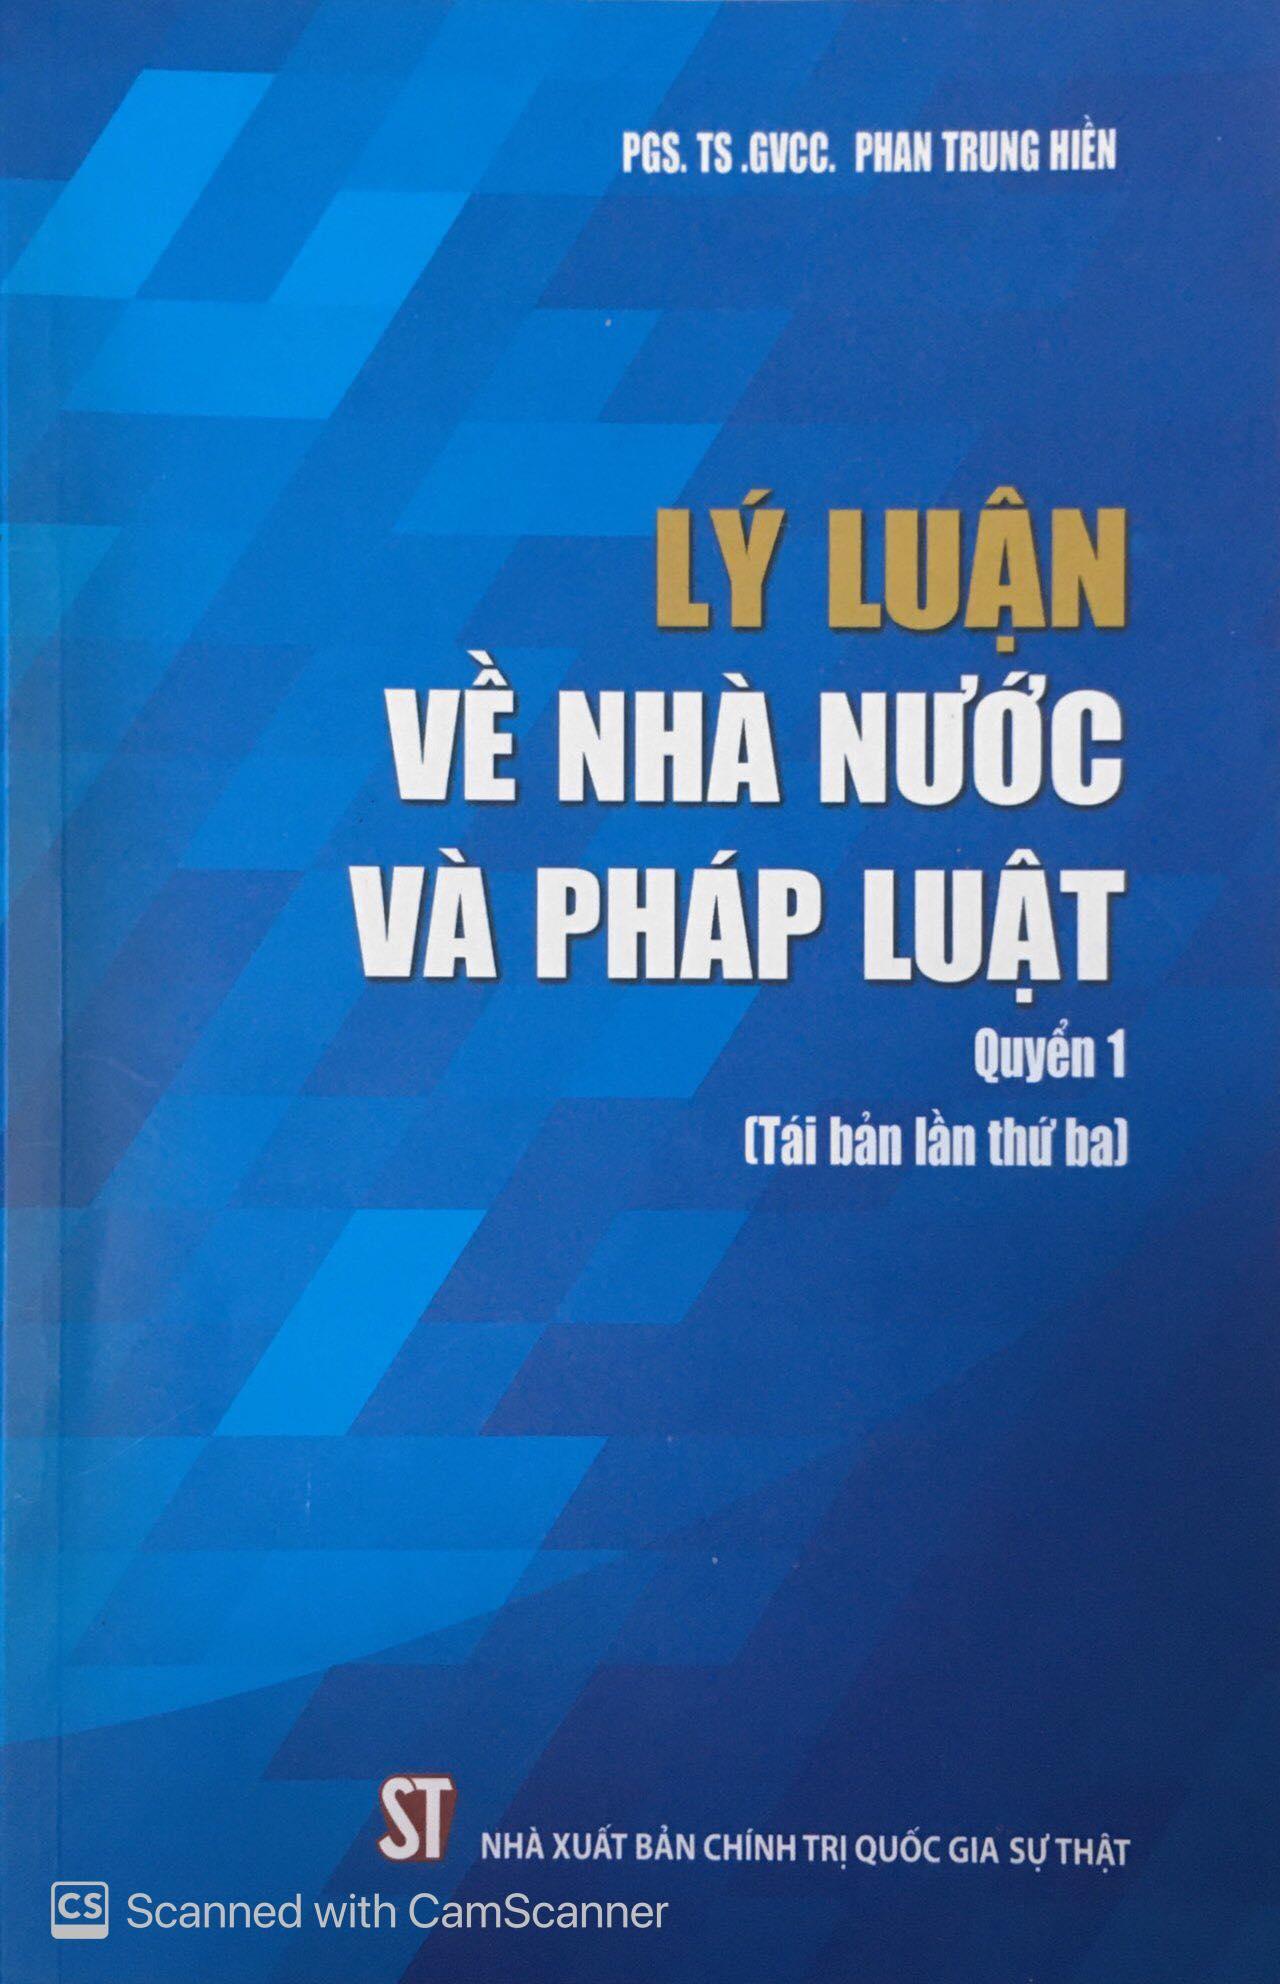 Lý luận về nhà nước và pháp luật, Quyển 1 (Tái bản lần thứ ba)